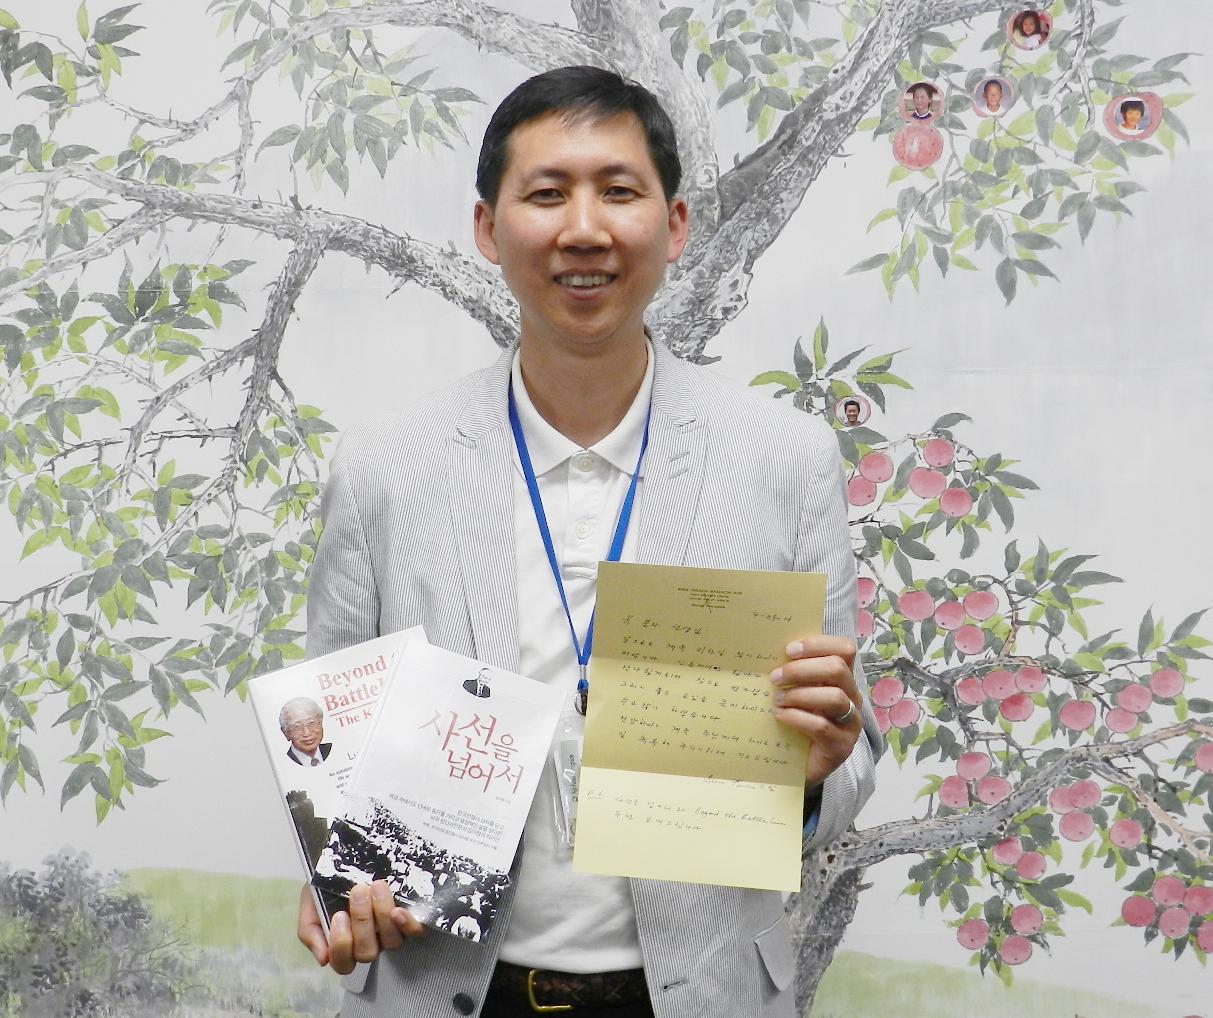 [기증] 그레이스 김 선생님 도서기증 및 소망 후원